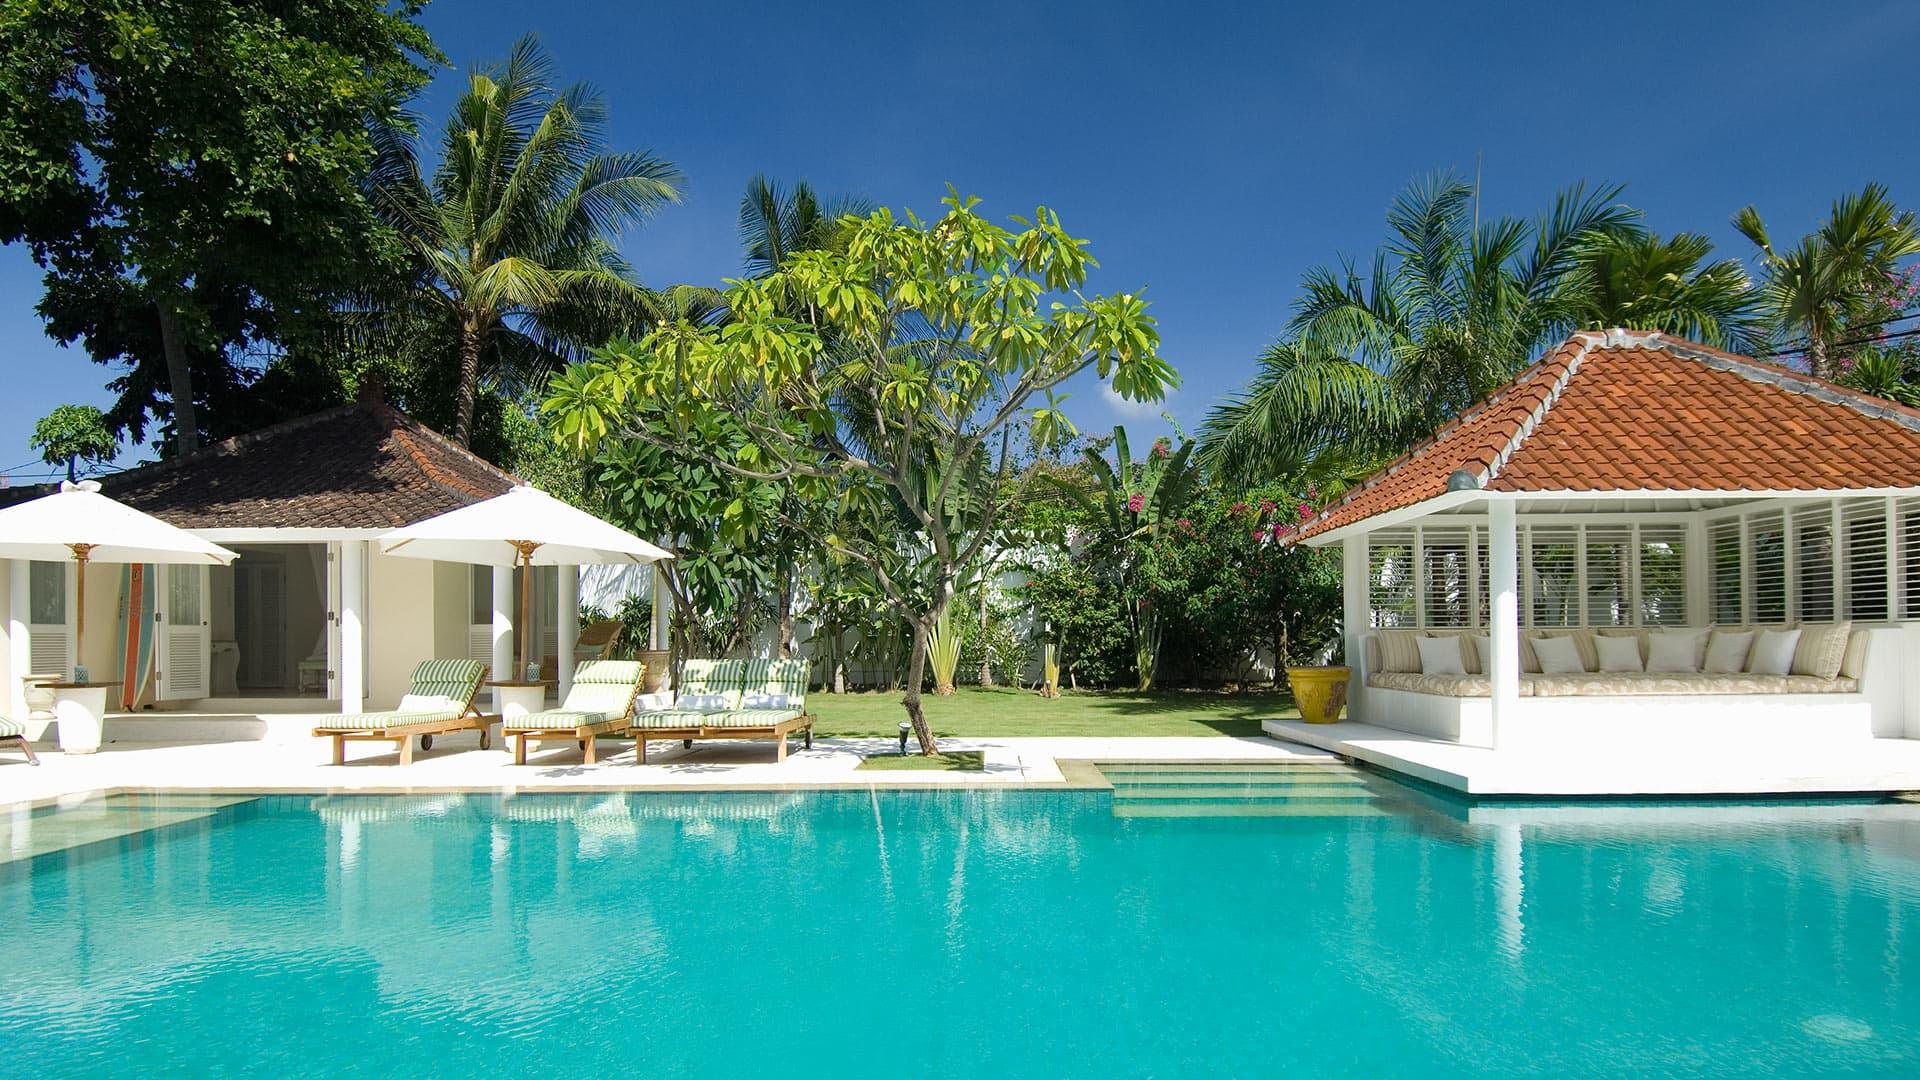 Villa Villa Indah, Rental in Bali